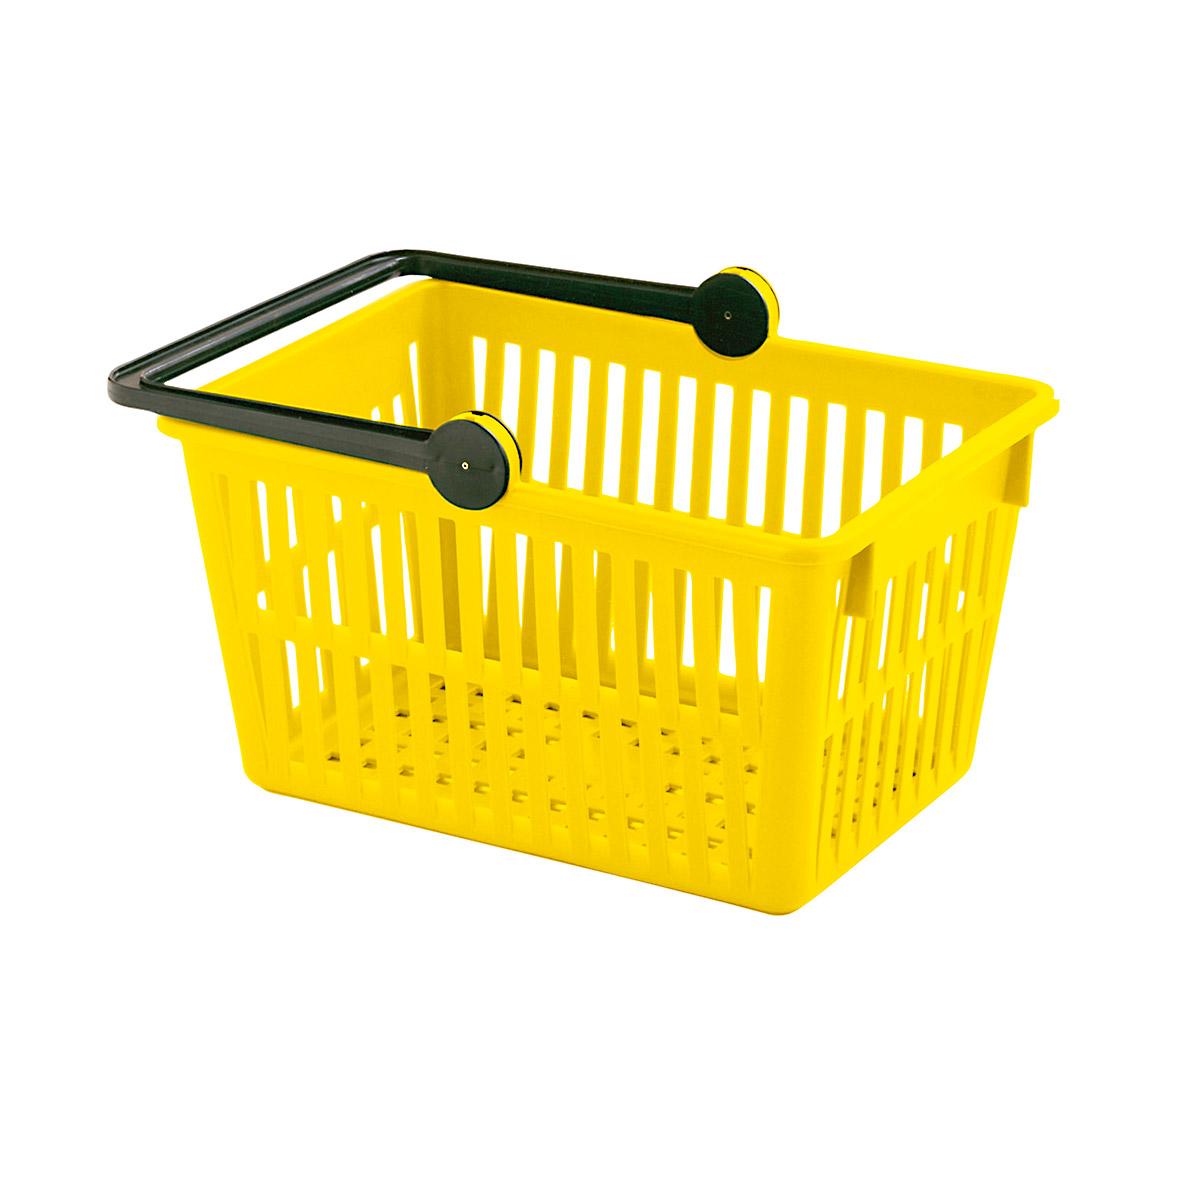 Einkaufskorb Farbe gelb von Stöckli